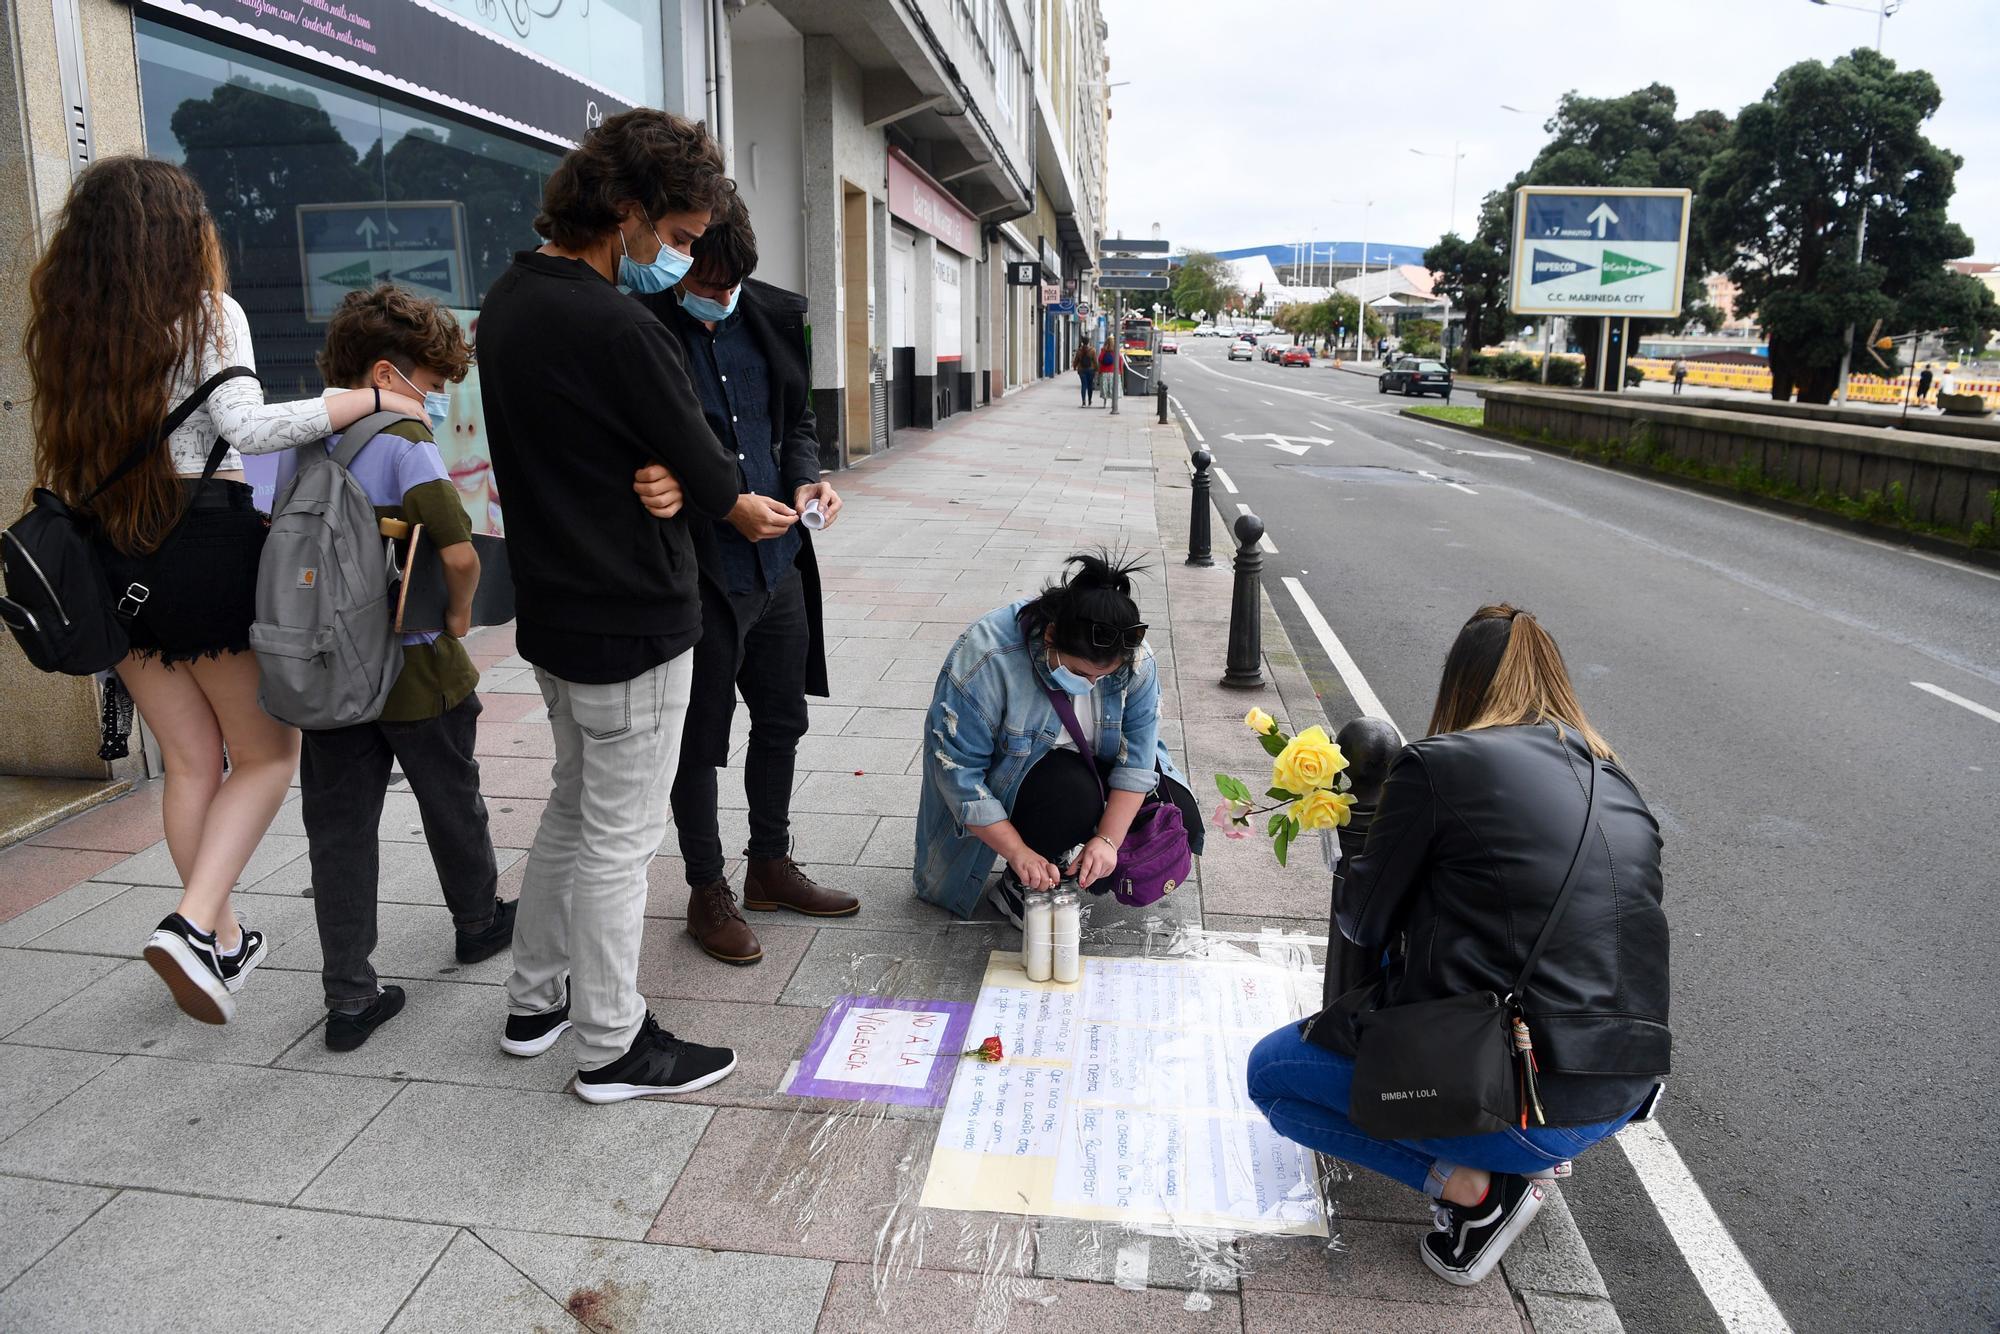 Homenaje en A Coruña a Samuel Luiz en el lugar donde recibió una paliza mortal